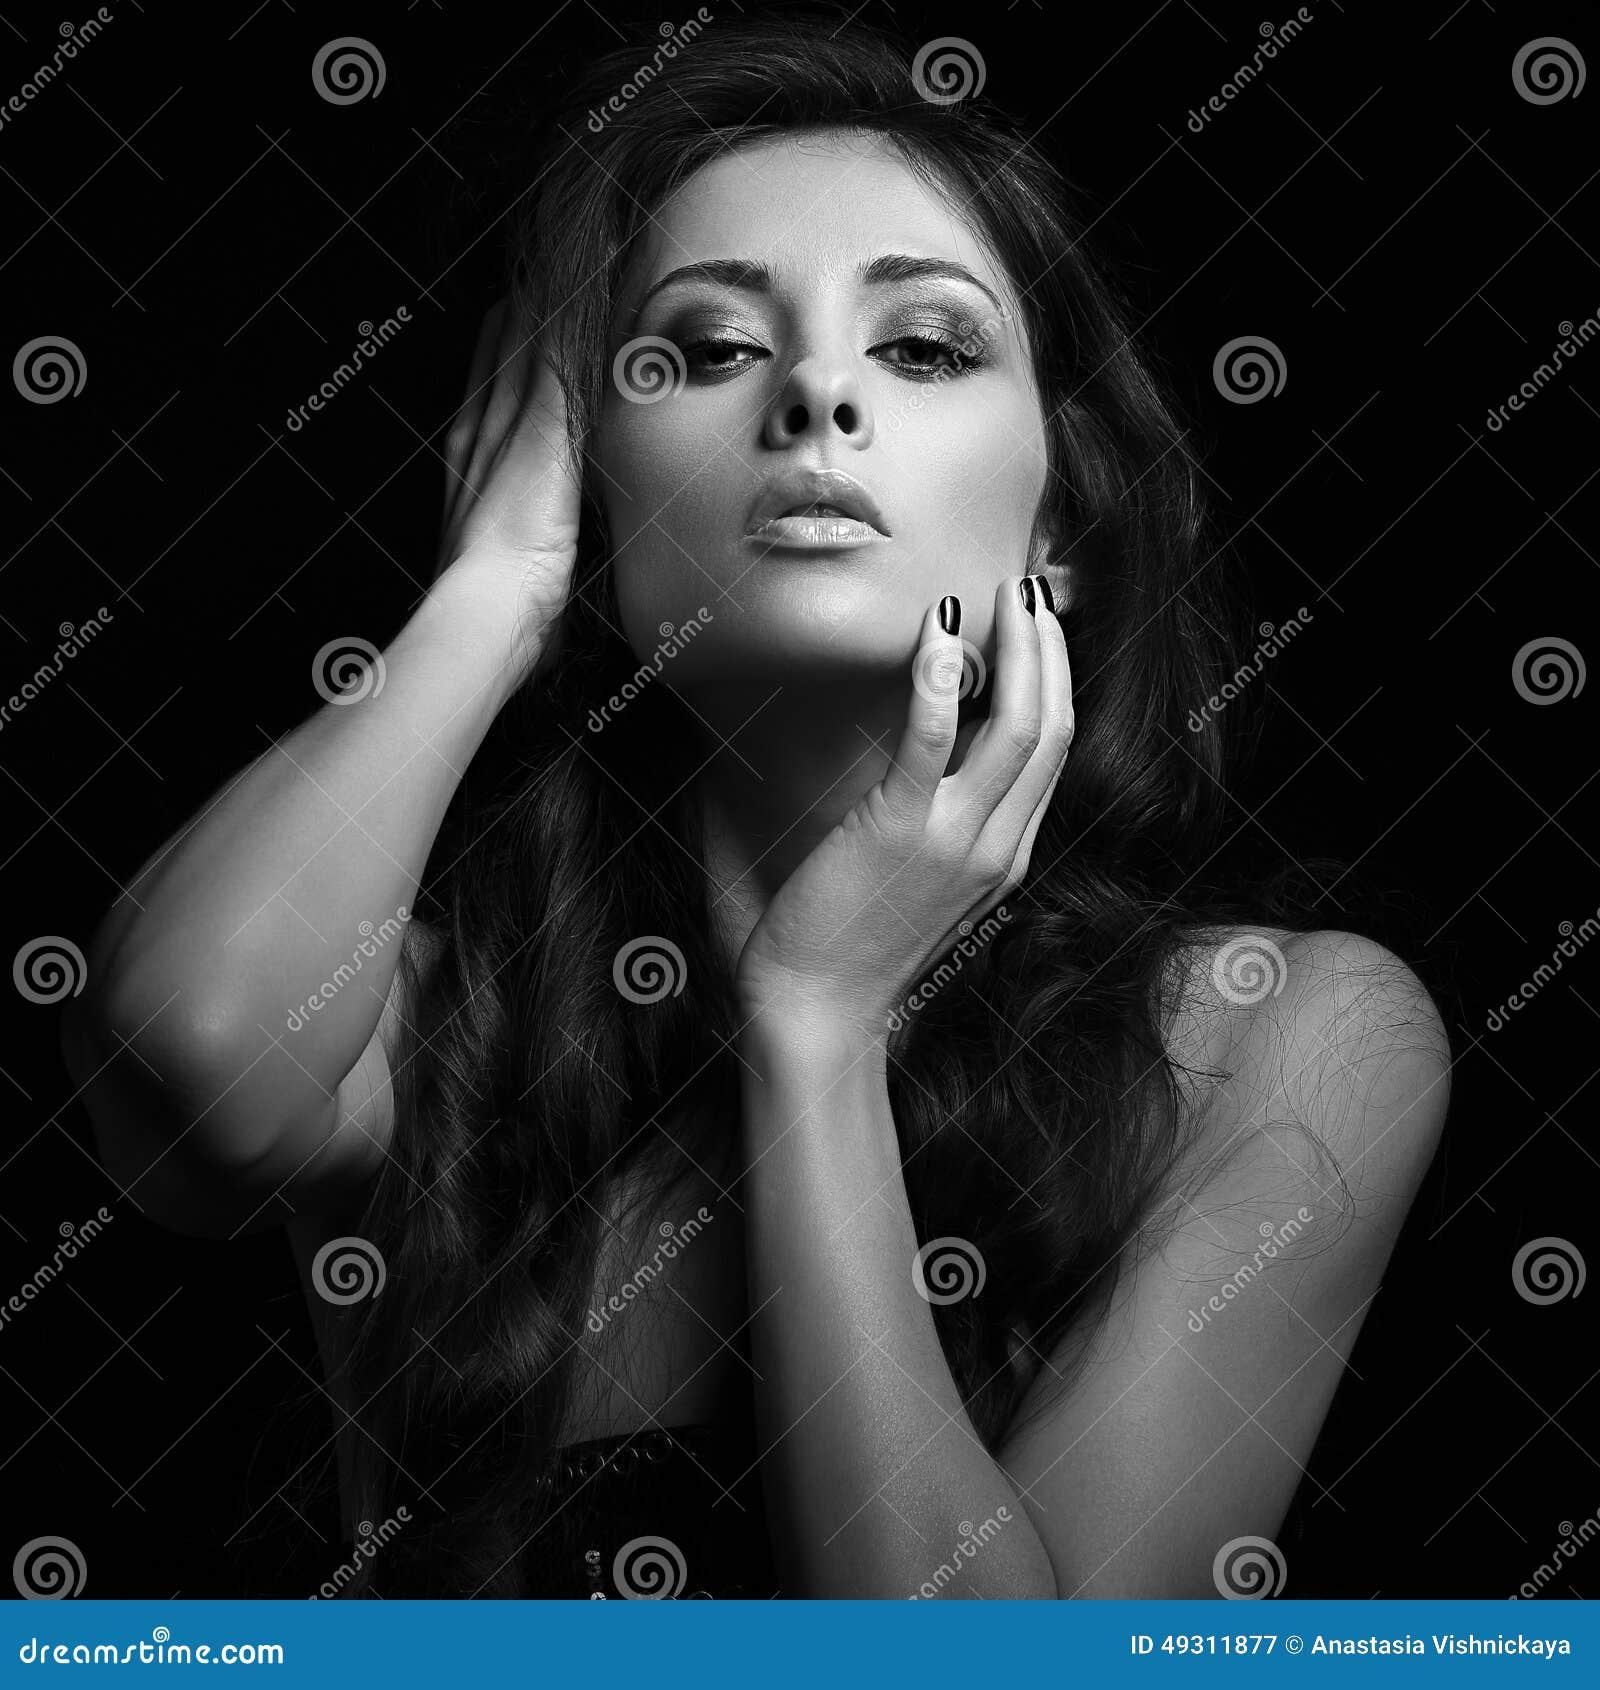 Femme érotique semblant chaude avec de longs cheveux bruns